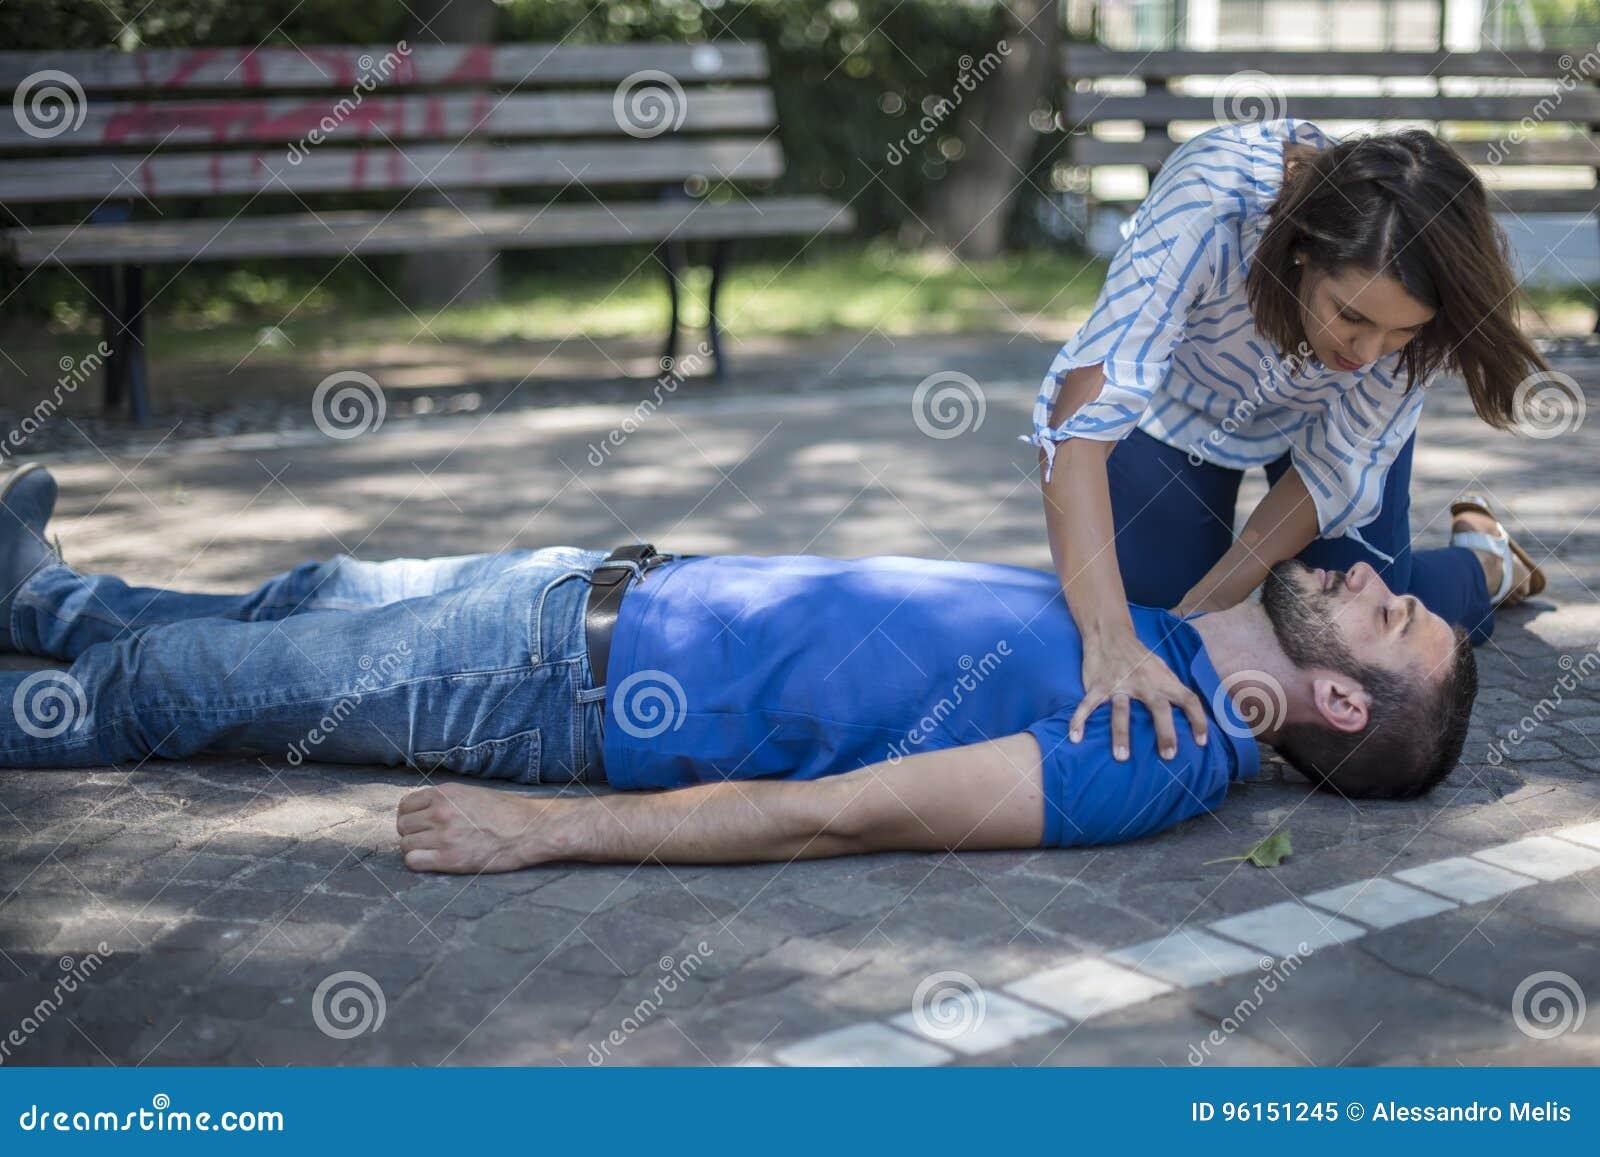 Девушки помогают парню, форум эротических историй